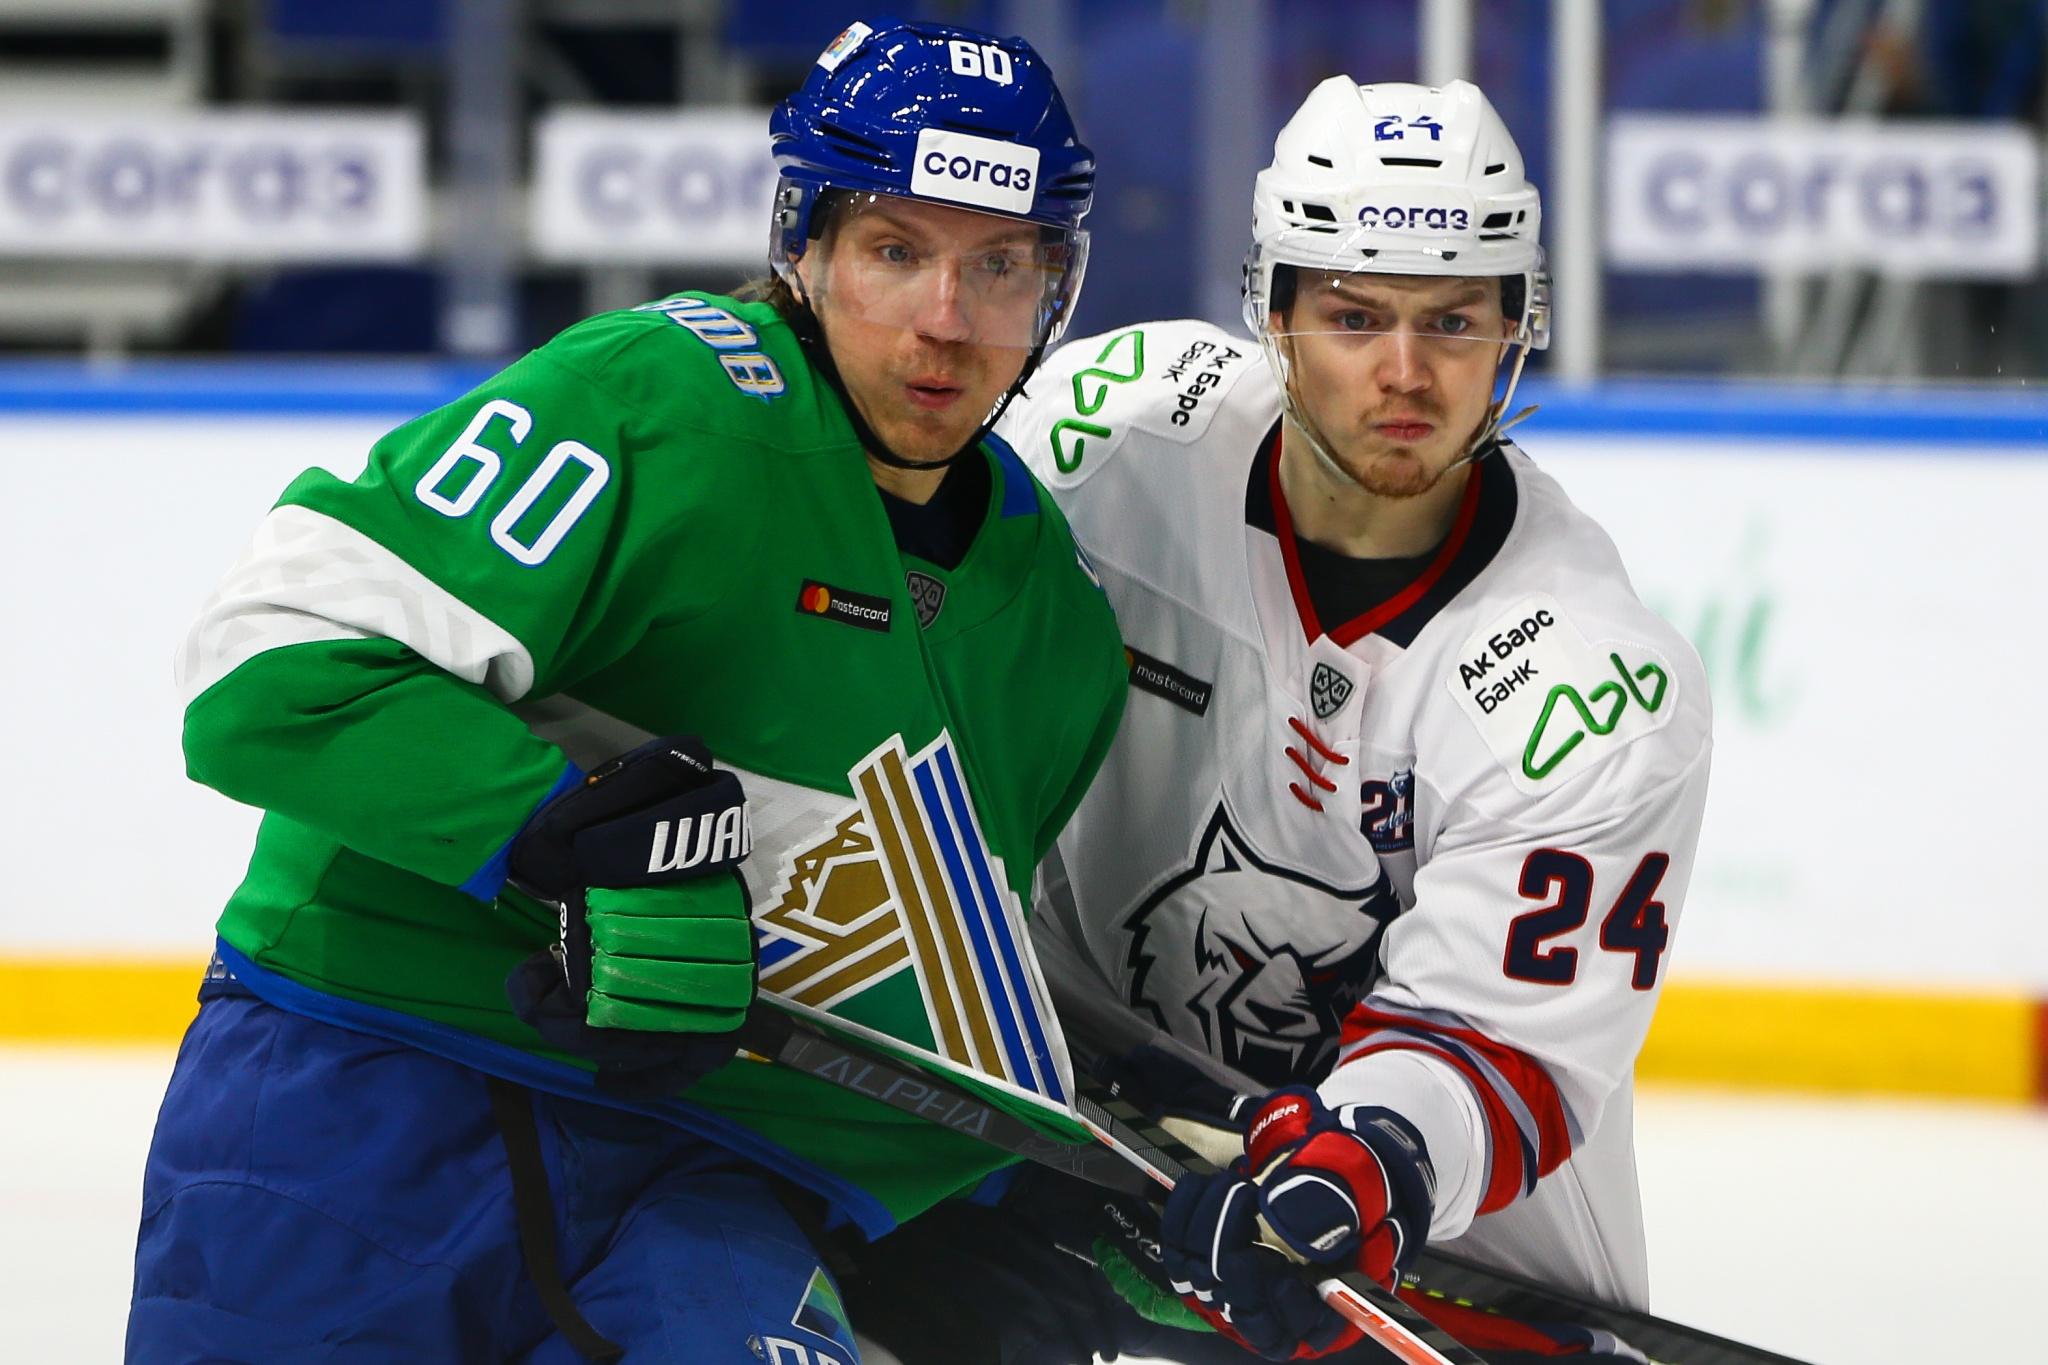 Сакари Маннинен и Павел Порядин. Фото: Светлана Садыкова